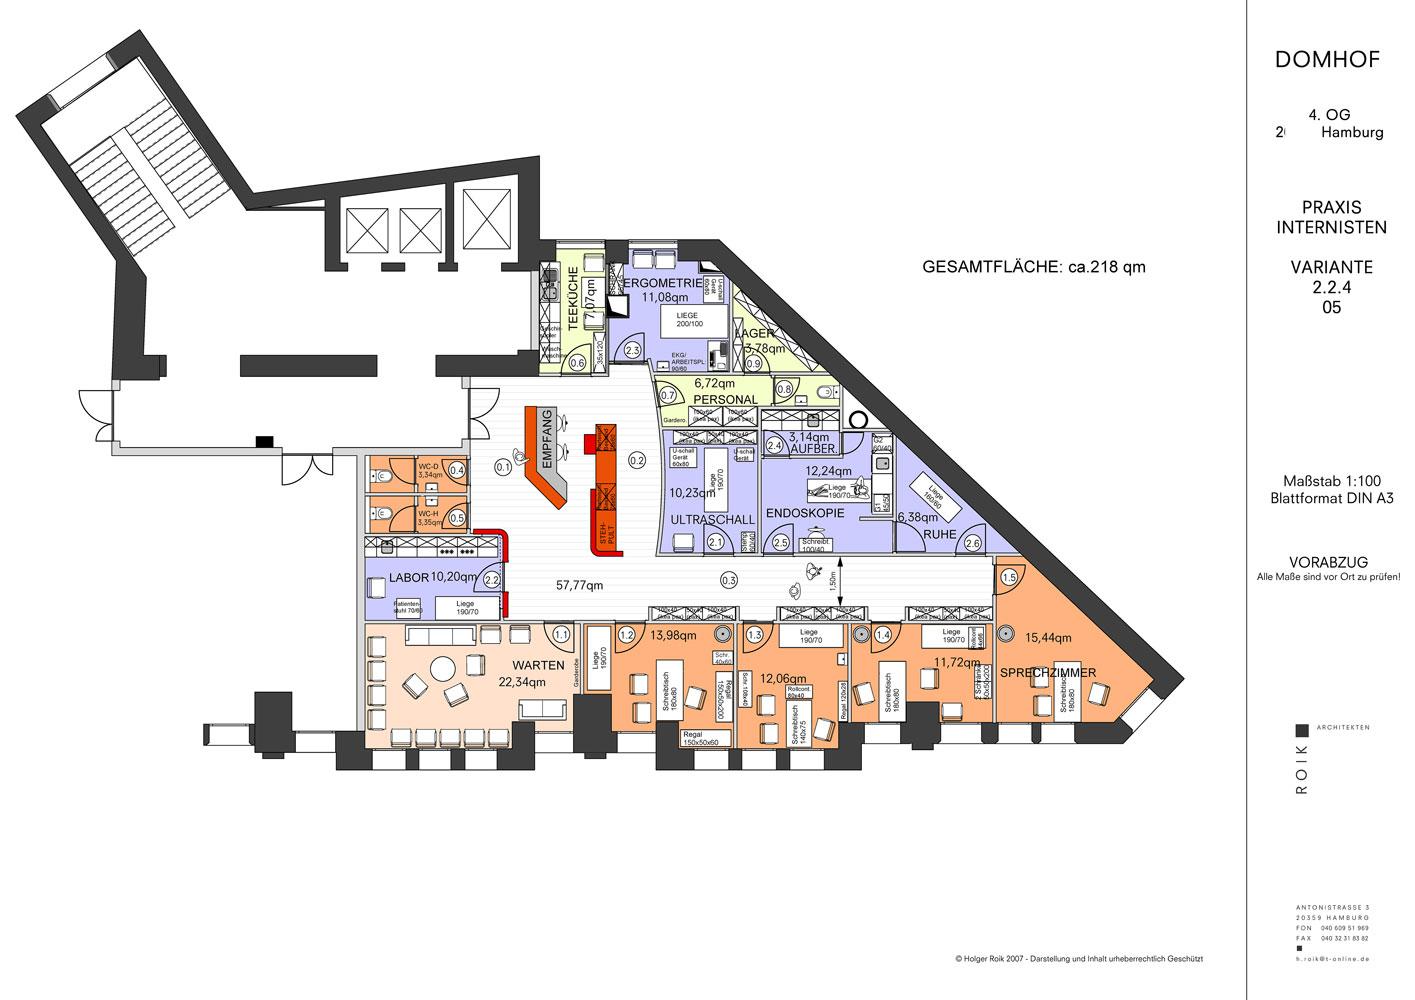 Grundriss mit Funktionsbereichen Arztpraxis Roik Architekt Hamburg